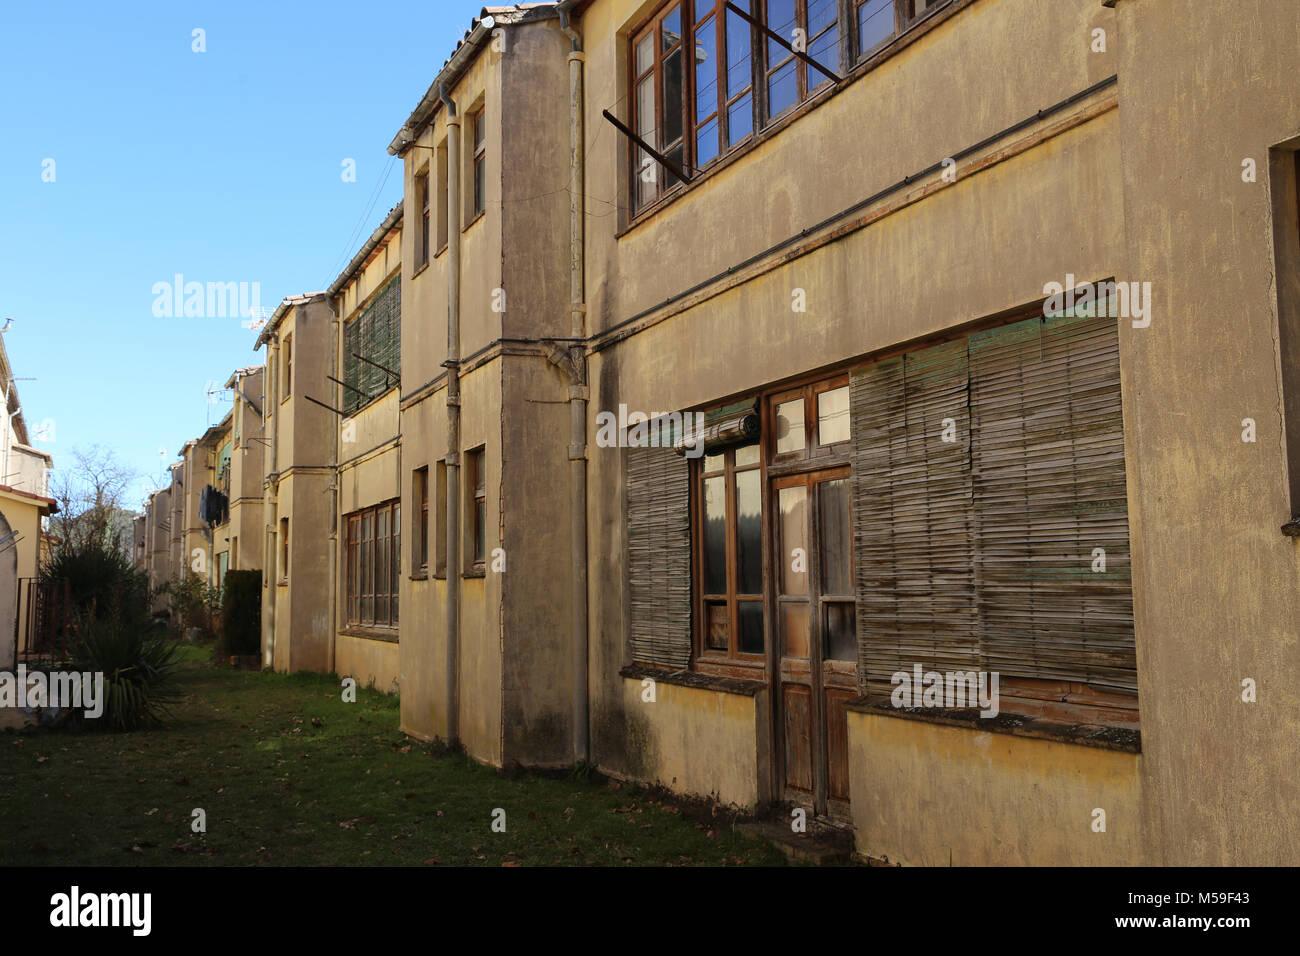 Spanien, Katalonien, Puig-Reig. Kann Vidal. Textilwaren industrielle Kolonie. 1901-1980. Gehäuse der Arbeiter. Stockbild